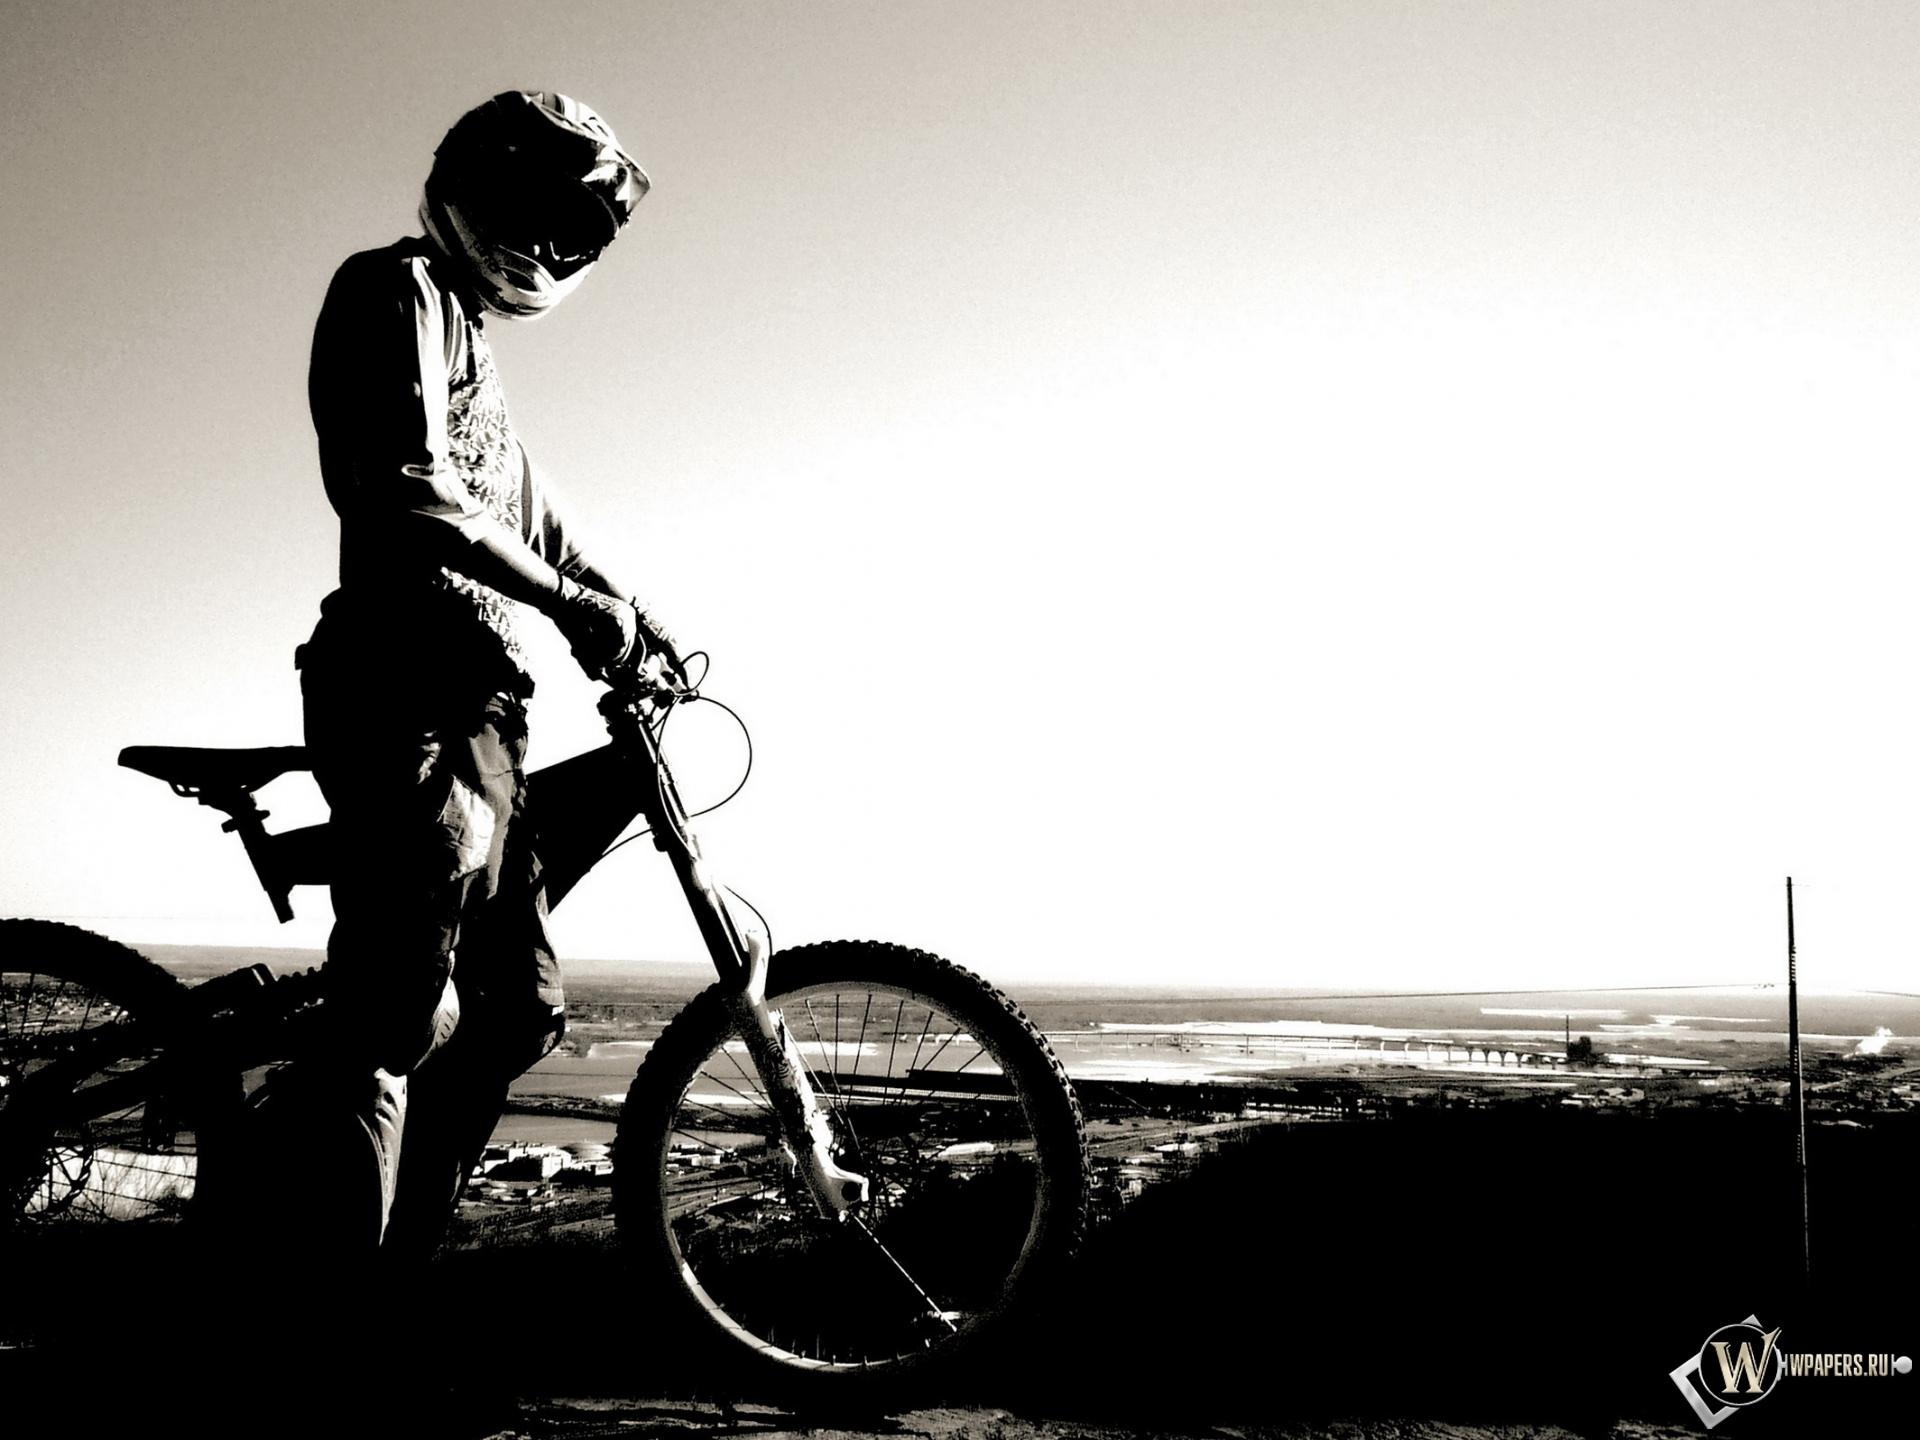 Велосипедист 1920x1440